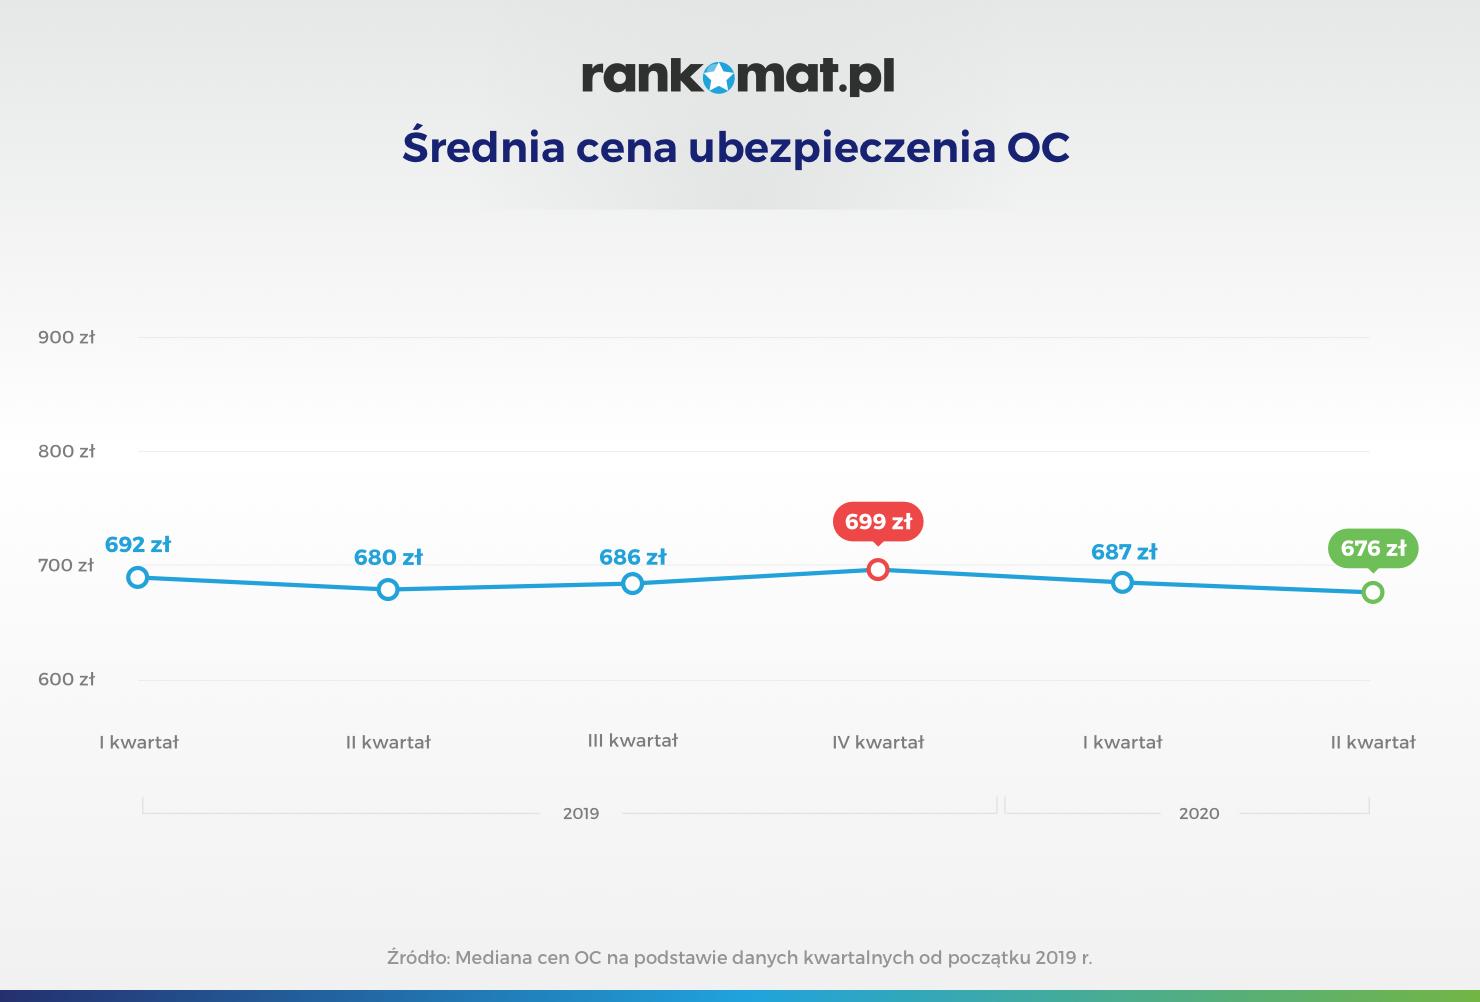 Średnia cena ubezpieczenia OC_v1